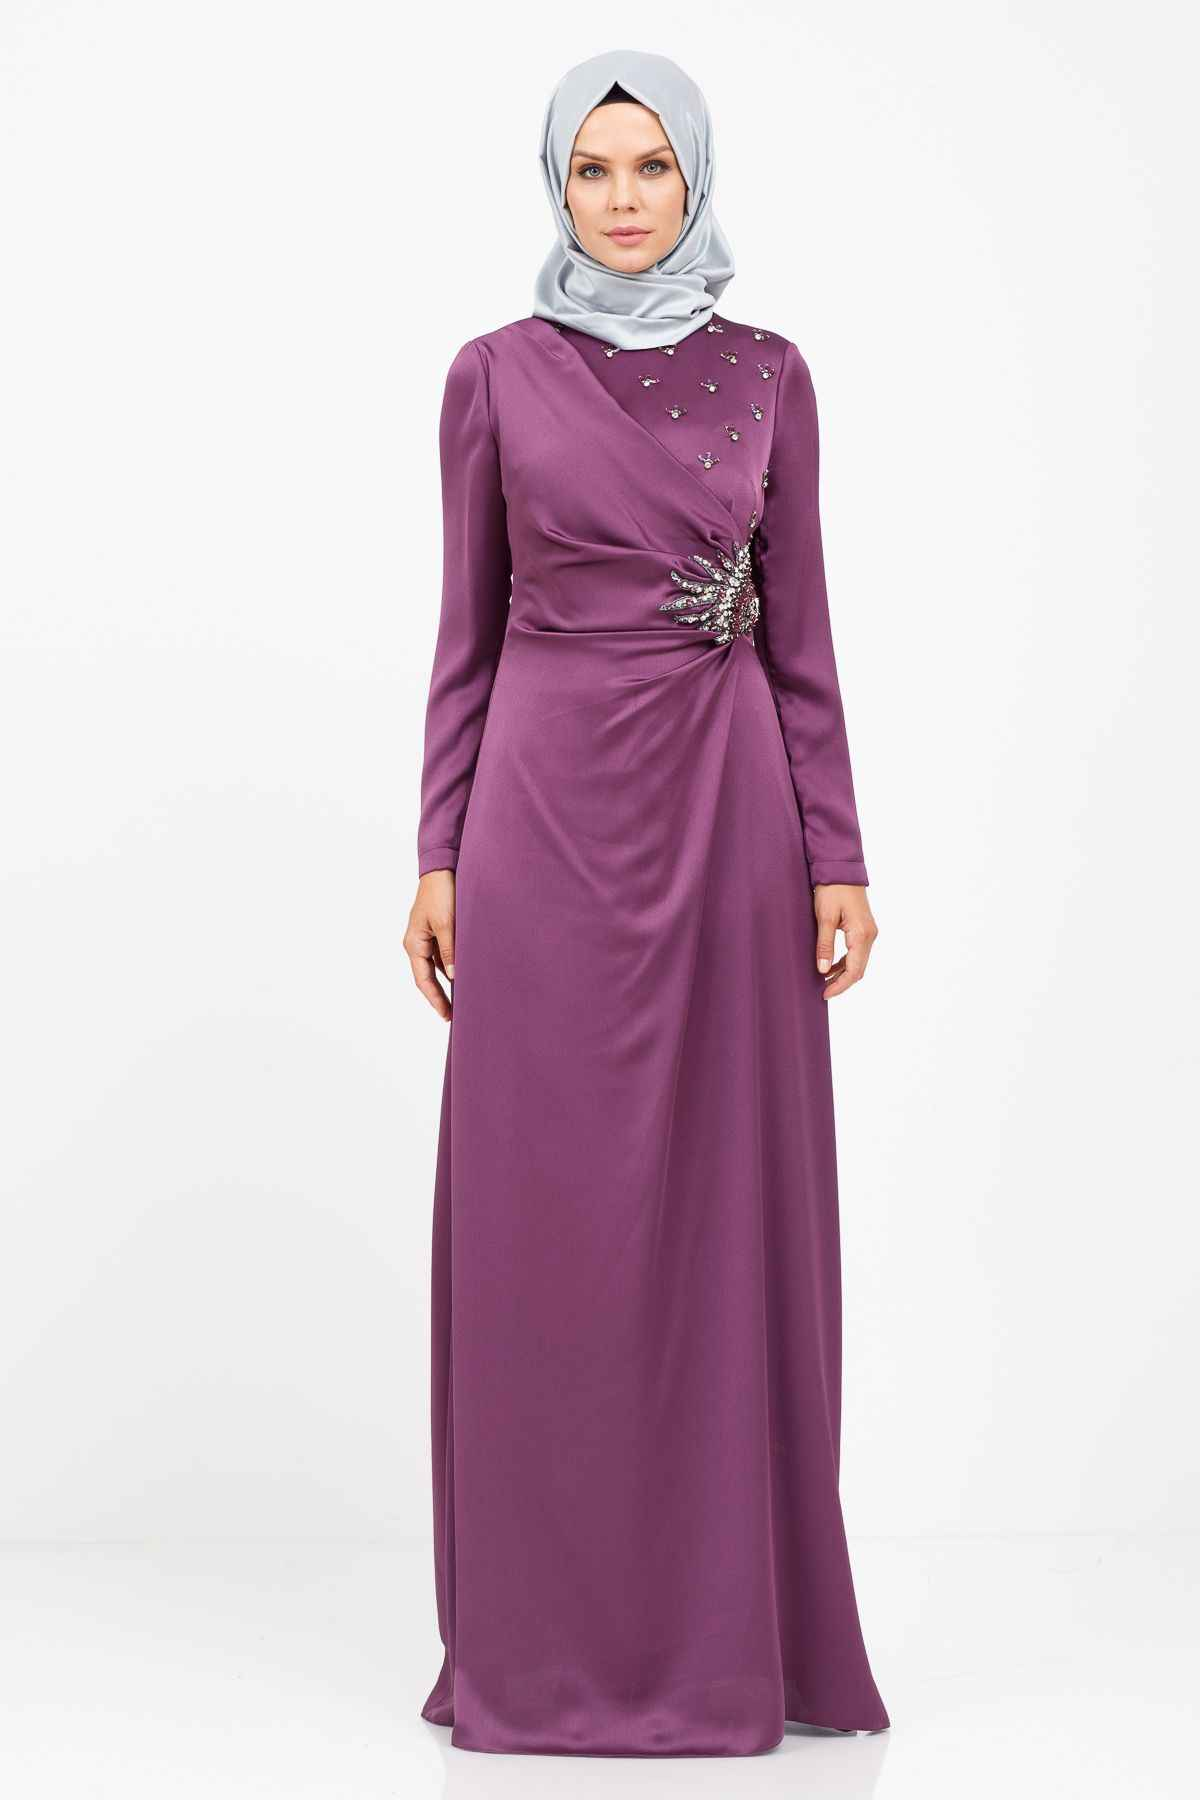 2018 Moda Tesettür Gelin Annesi Elbise Modelleri